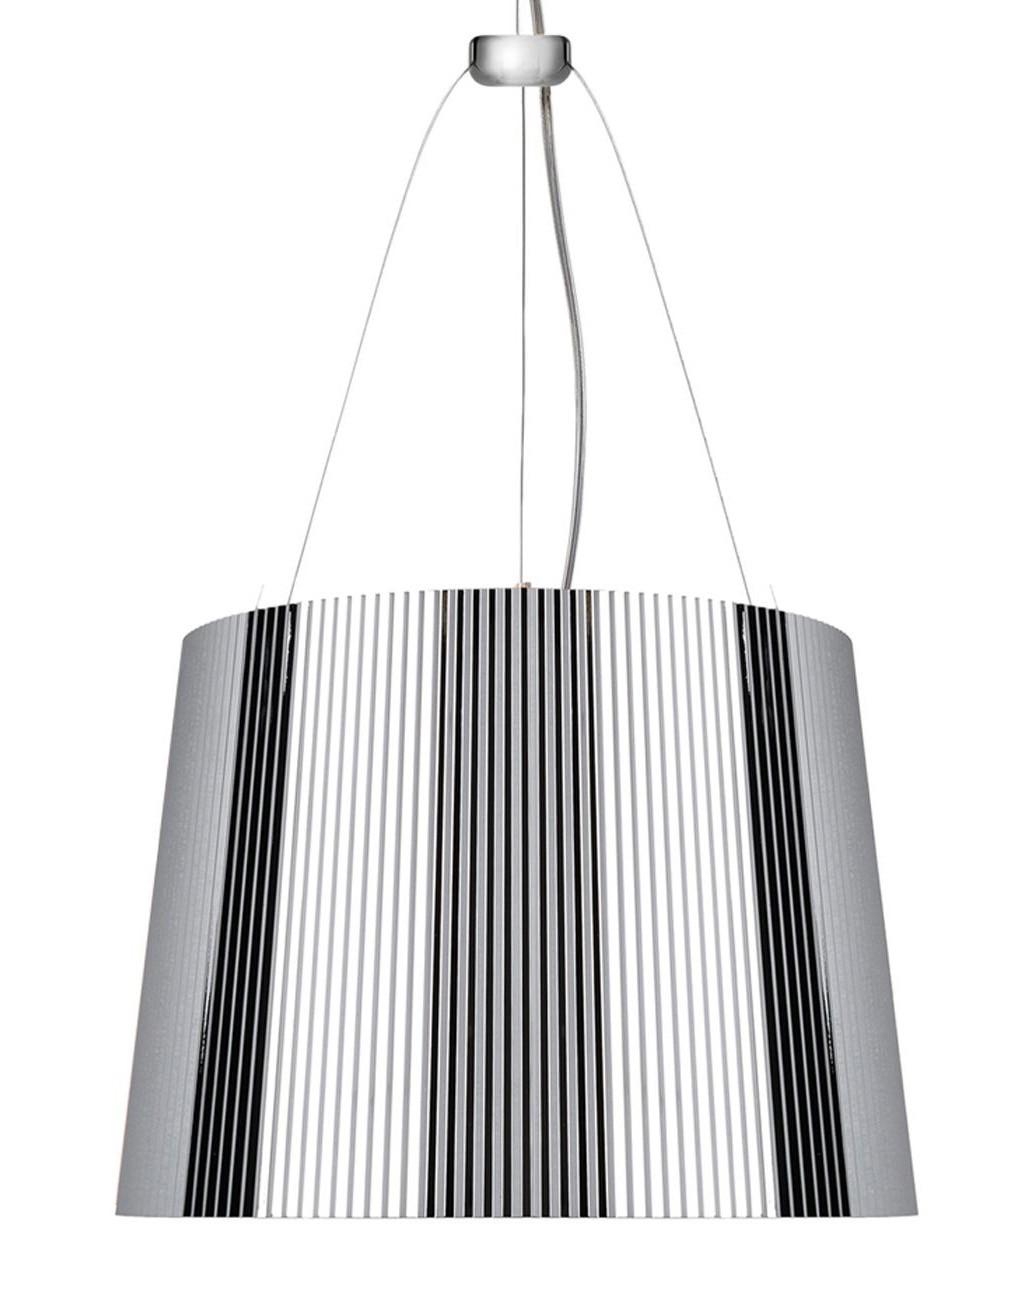 Kartell Ge - Sospensione Lampada moderna